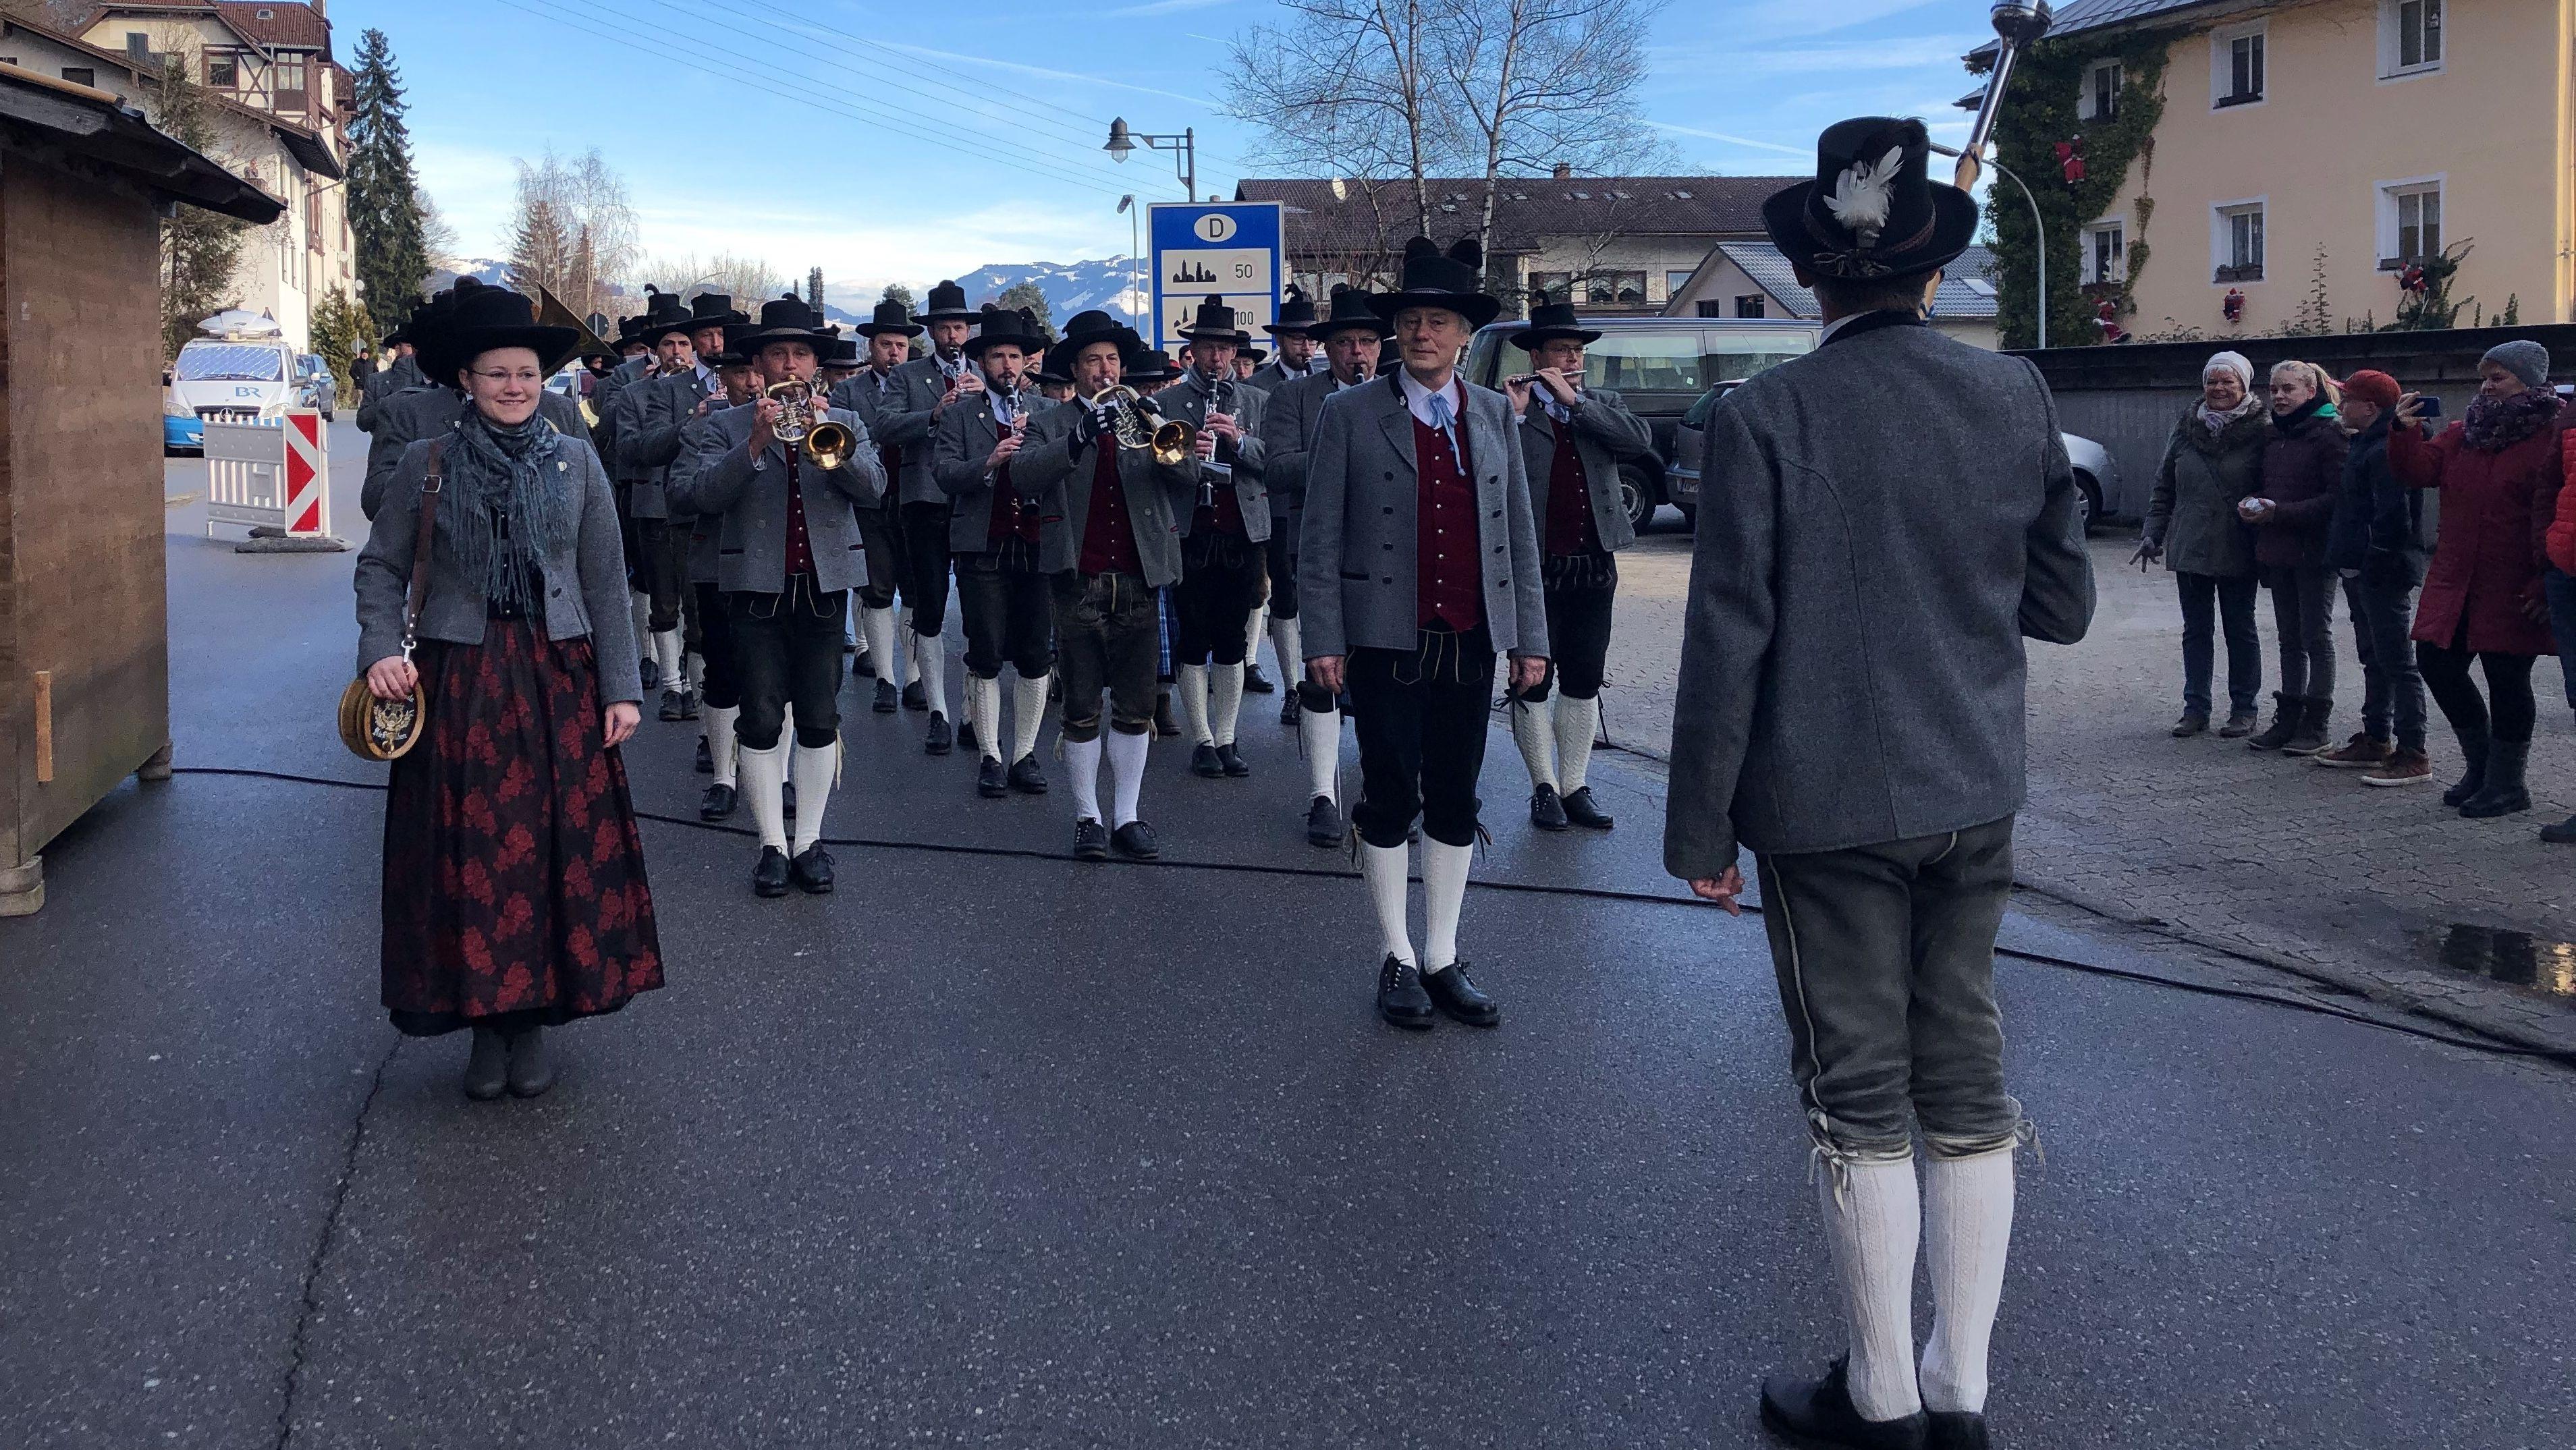 Die Musikkappel Kiefersfelden beim Bürgerfest am Sonntag, 15.12.2019